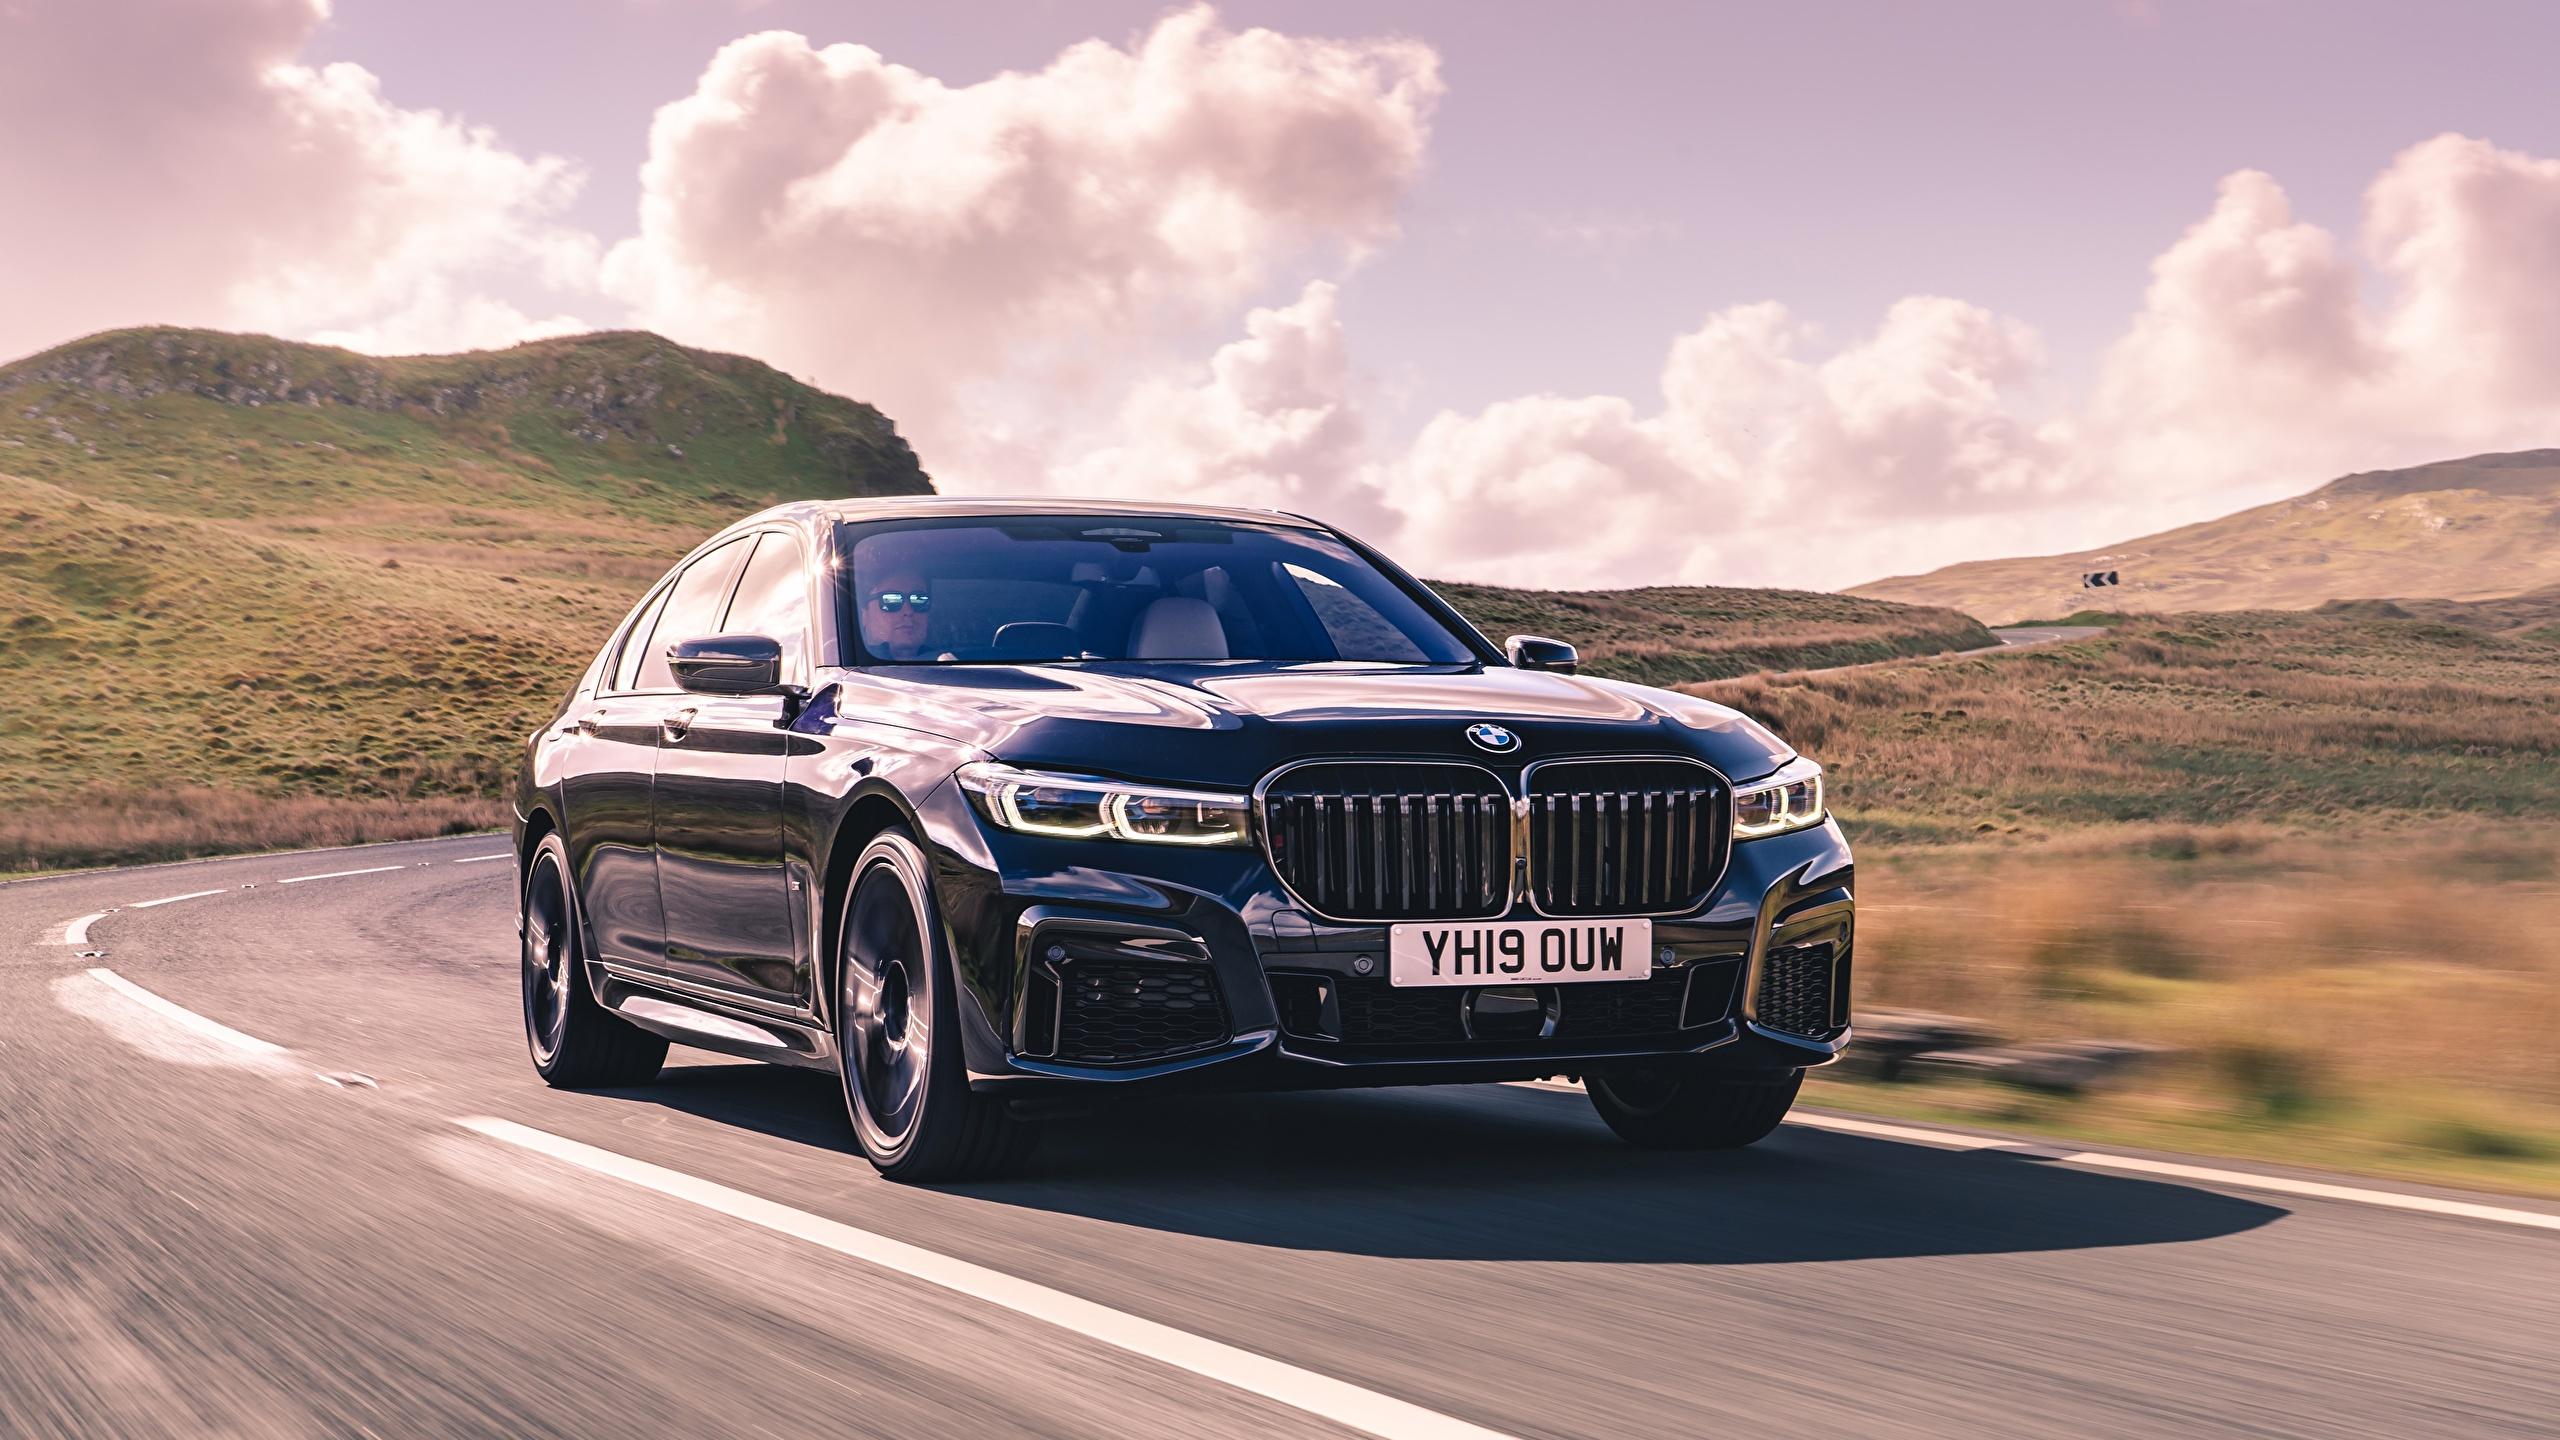 Картинки БМВ боке Седан Дороги едущая автомобиль 2560x1440 BMW Размытый фон едет едущий скорость Движение авто машины машина Автомобили